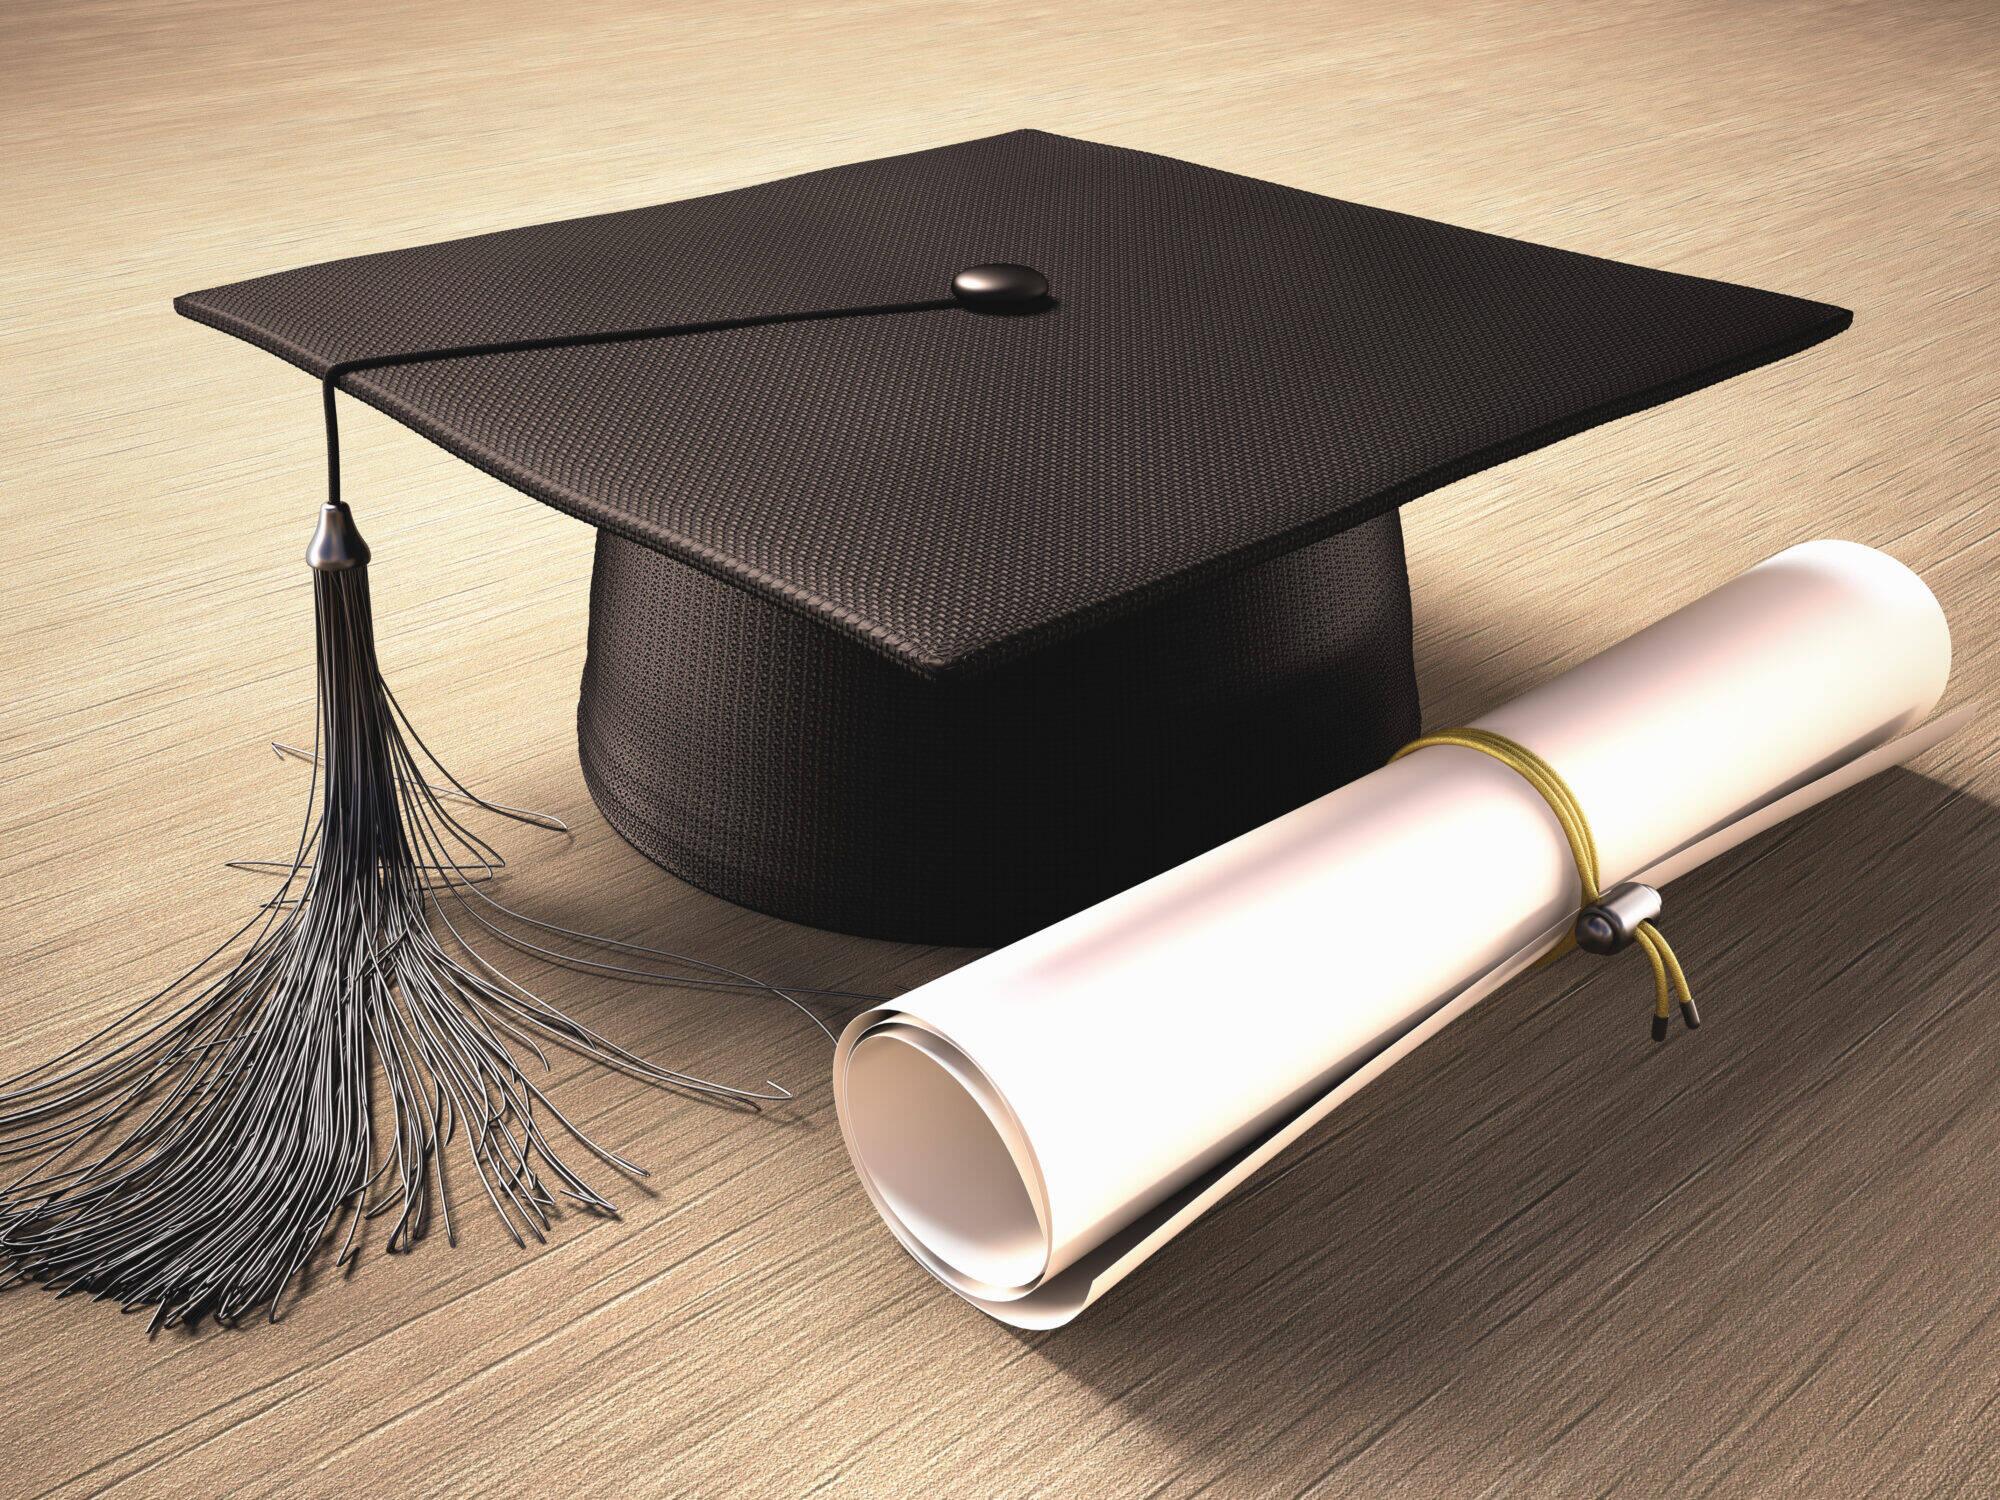 Graduation diplôme études étudiant école